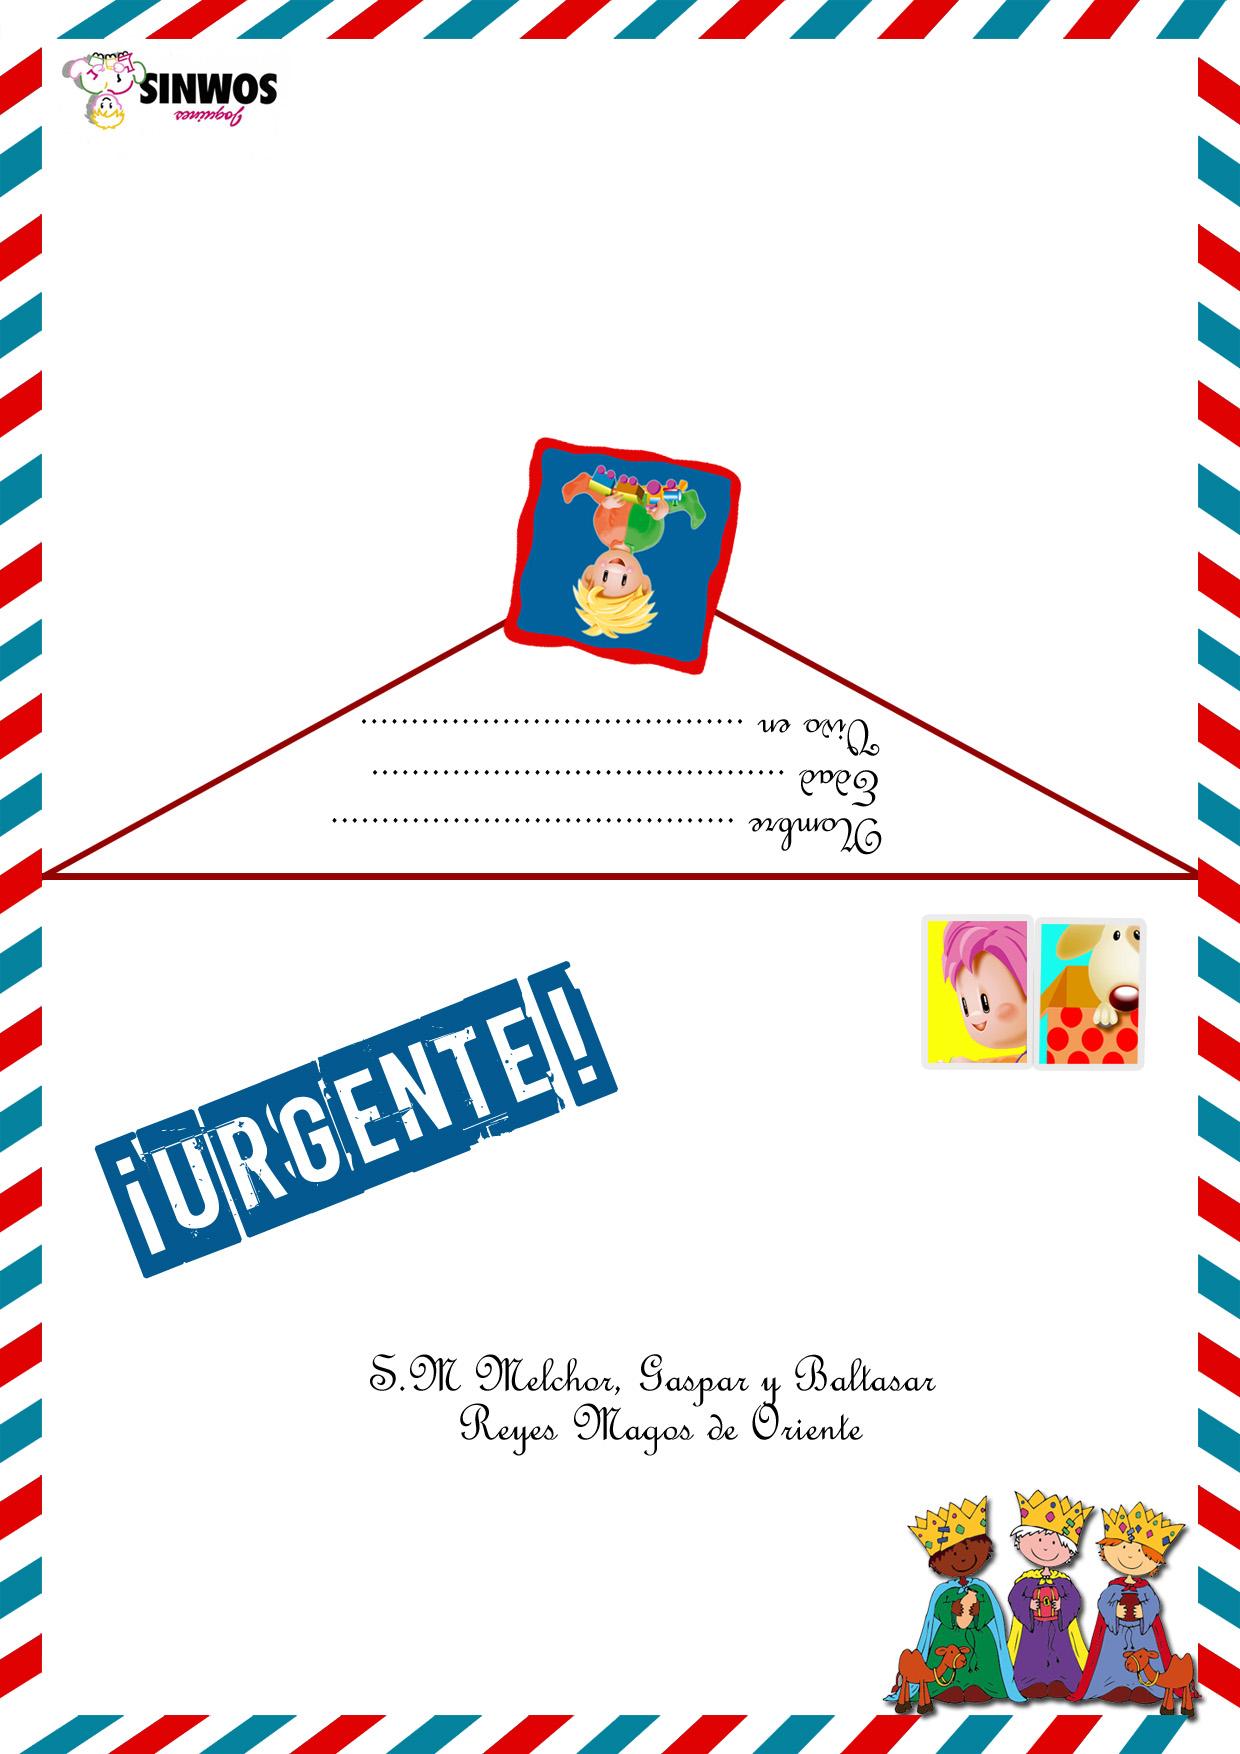 Imagenes Sobre Reyes Magos.Mas De 50 Cartas Para Enviar A Los Reyes Para Imprimir Y